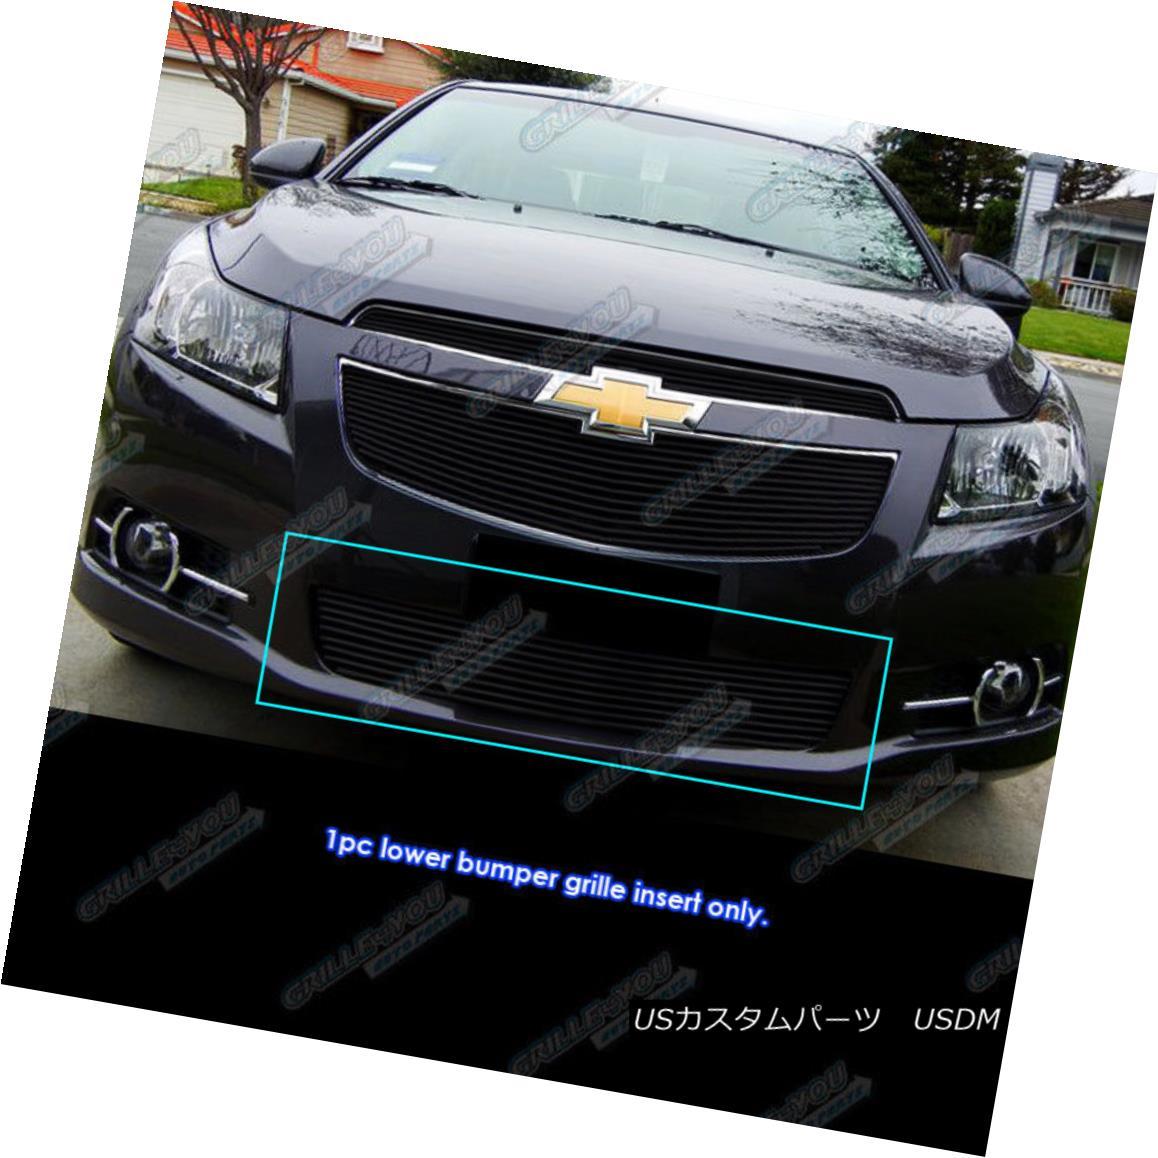 グリル Fits 2011-2014 Chevy Cruze LT/LTZ RS package Bumper Black Billet Grille Grill 2011-2014シボレークルーズLT / LTZ RSパッケージバンパー黒ビレットグリルグリル